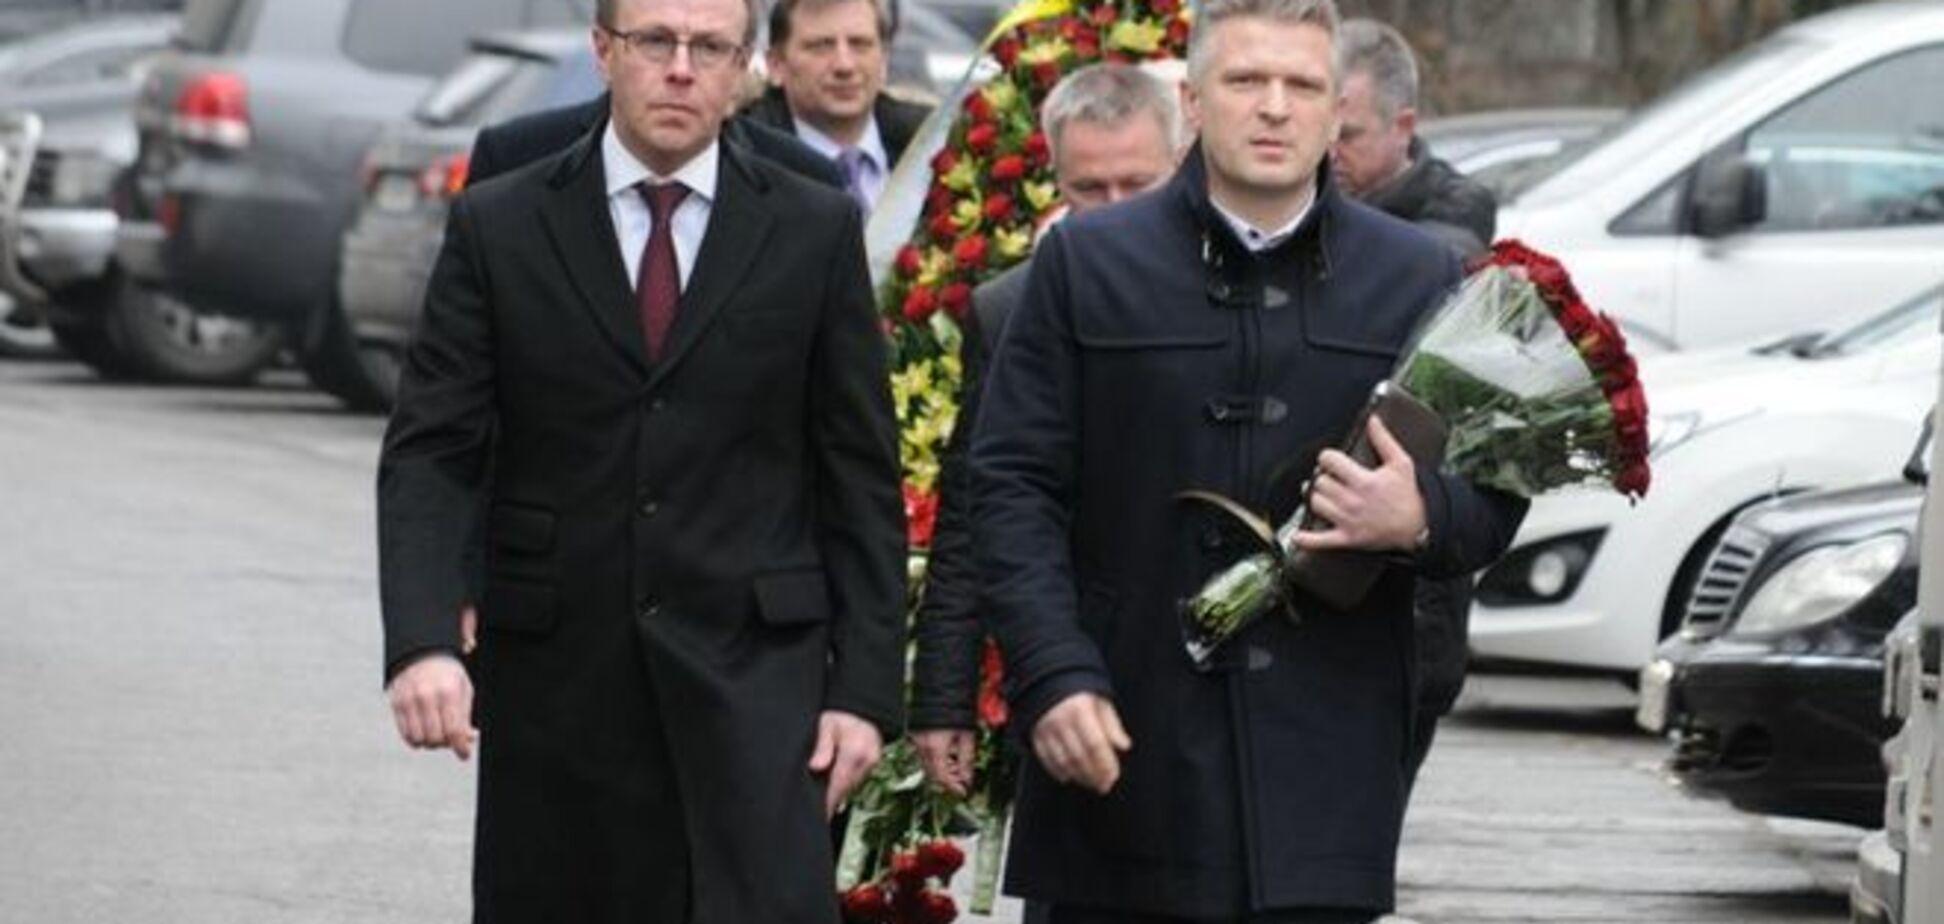 Проститься с Чечетовым пришли политики и артисты: опубликованы фото